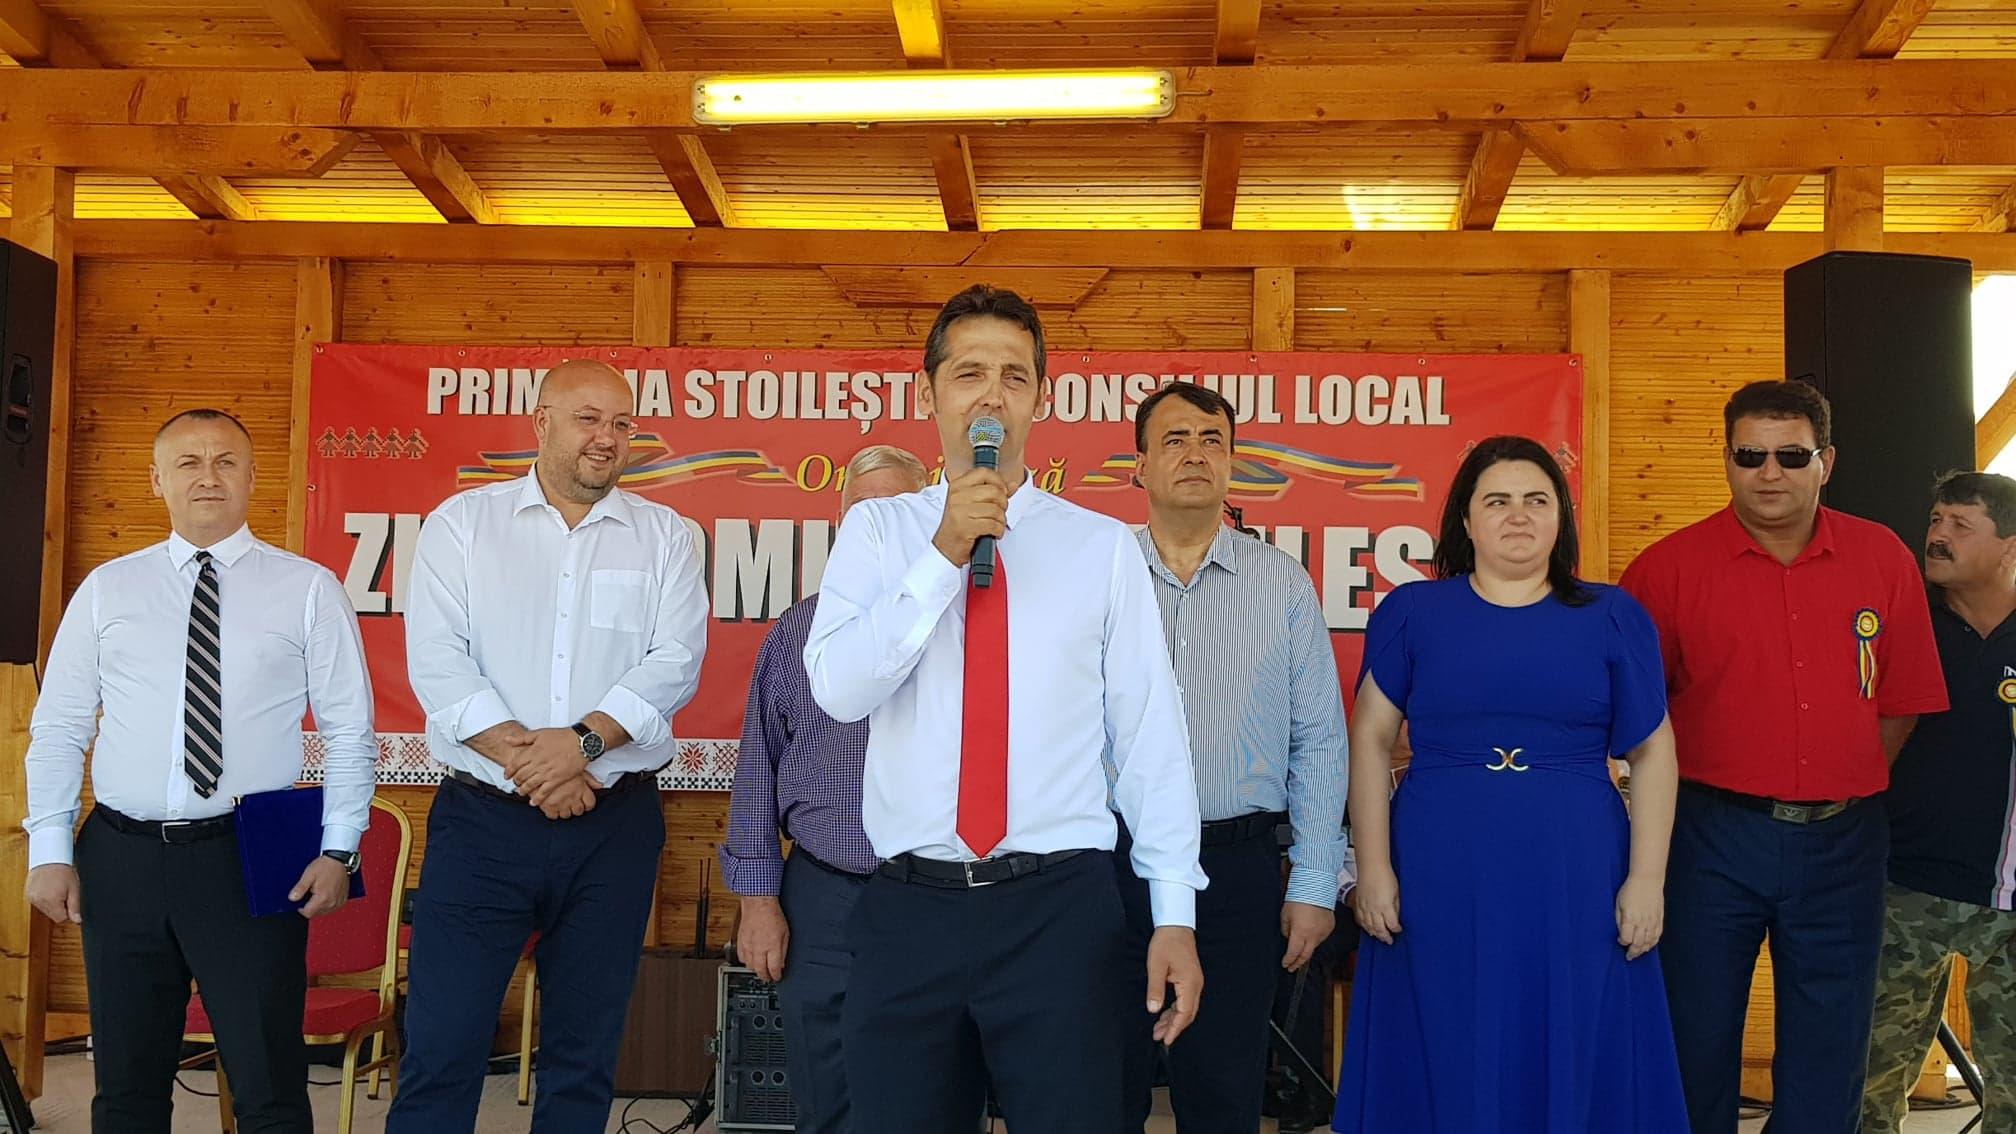 Primarul localităţii Stoileşti, Florin Ionescu, a depus marţi, 27 octombrie jurământul, alături de noii consilieri locali